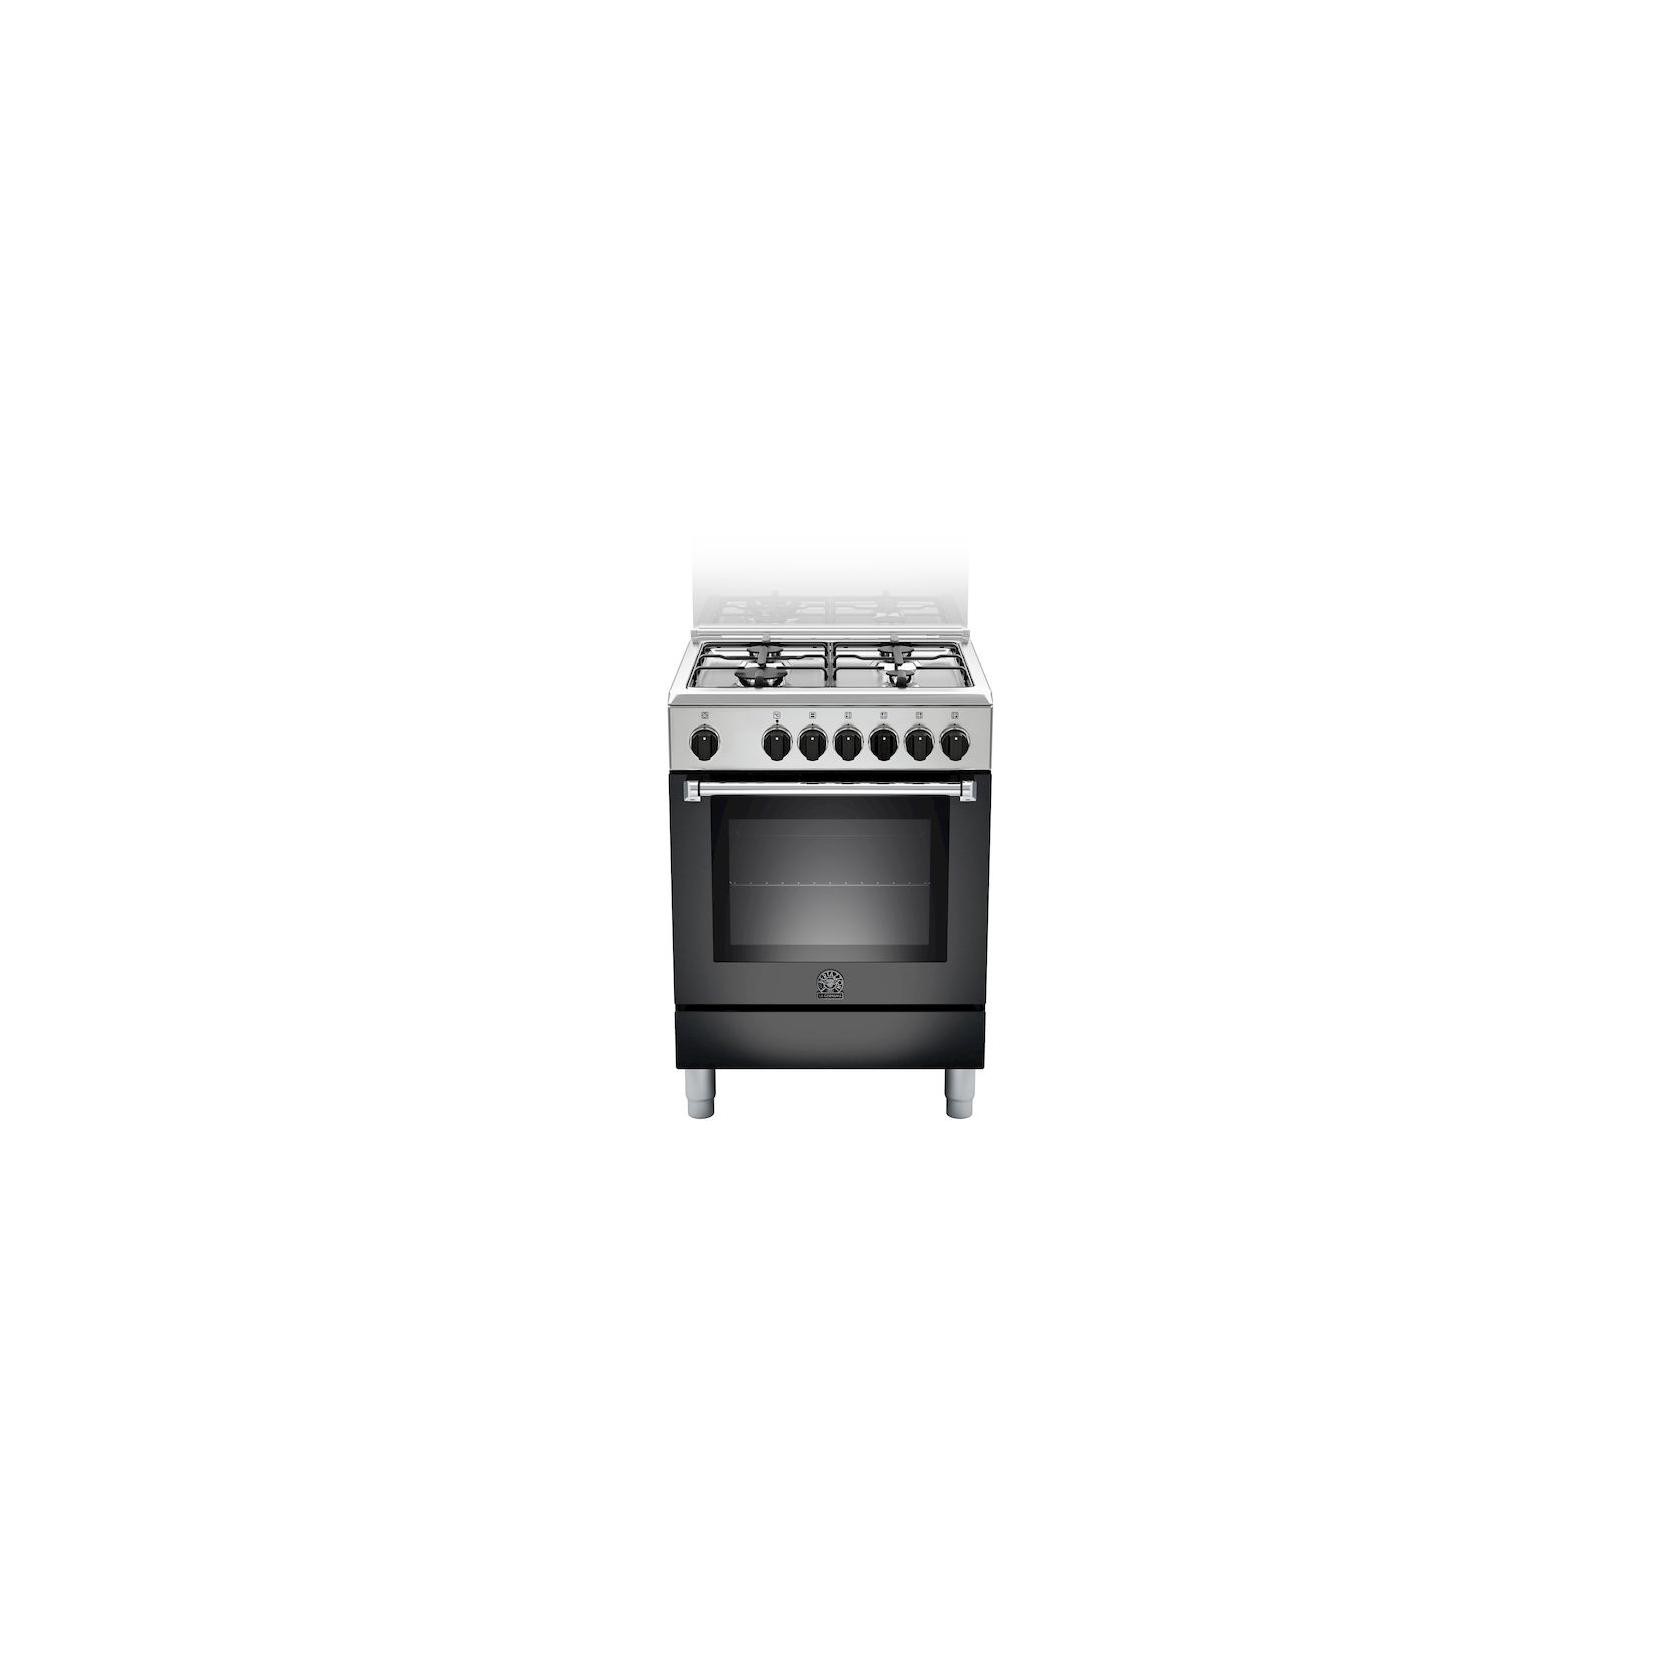 Cucina la germania amn604mfesnee 60x60 nera 4 f a gas forno elettrico multifunzione garanzia - Cucine a gas la germania ...